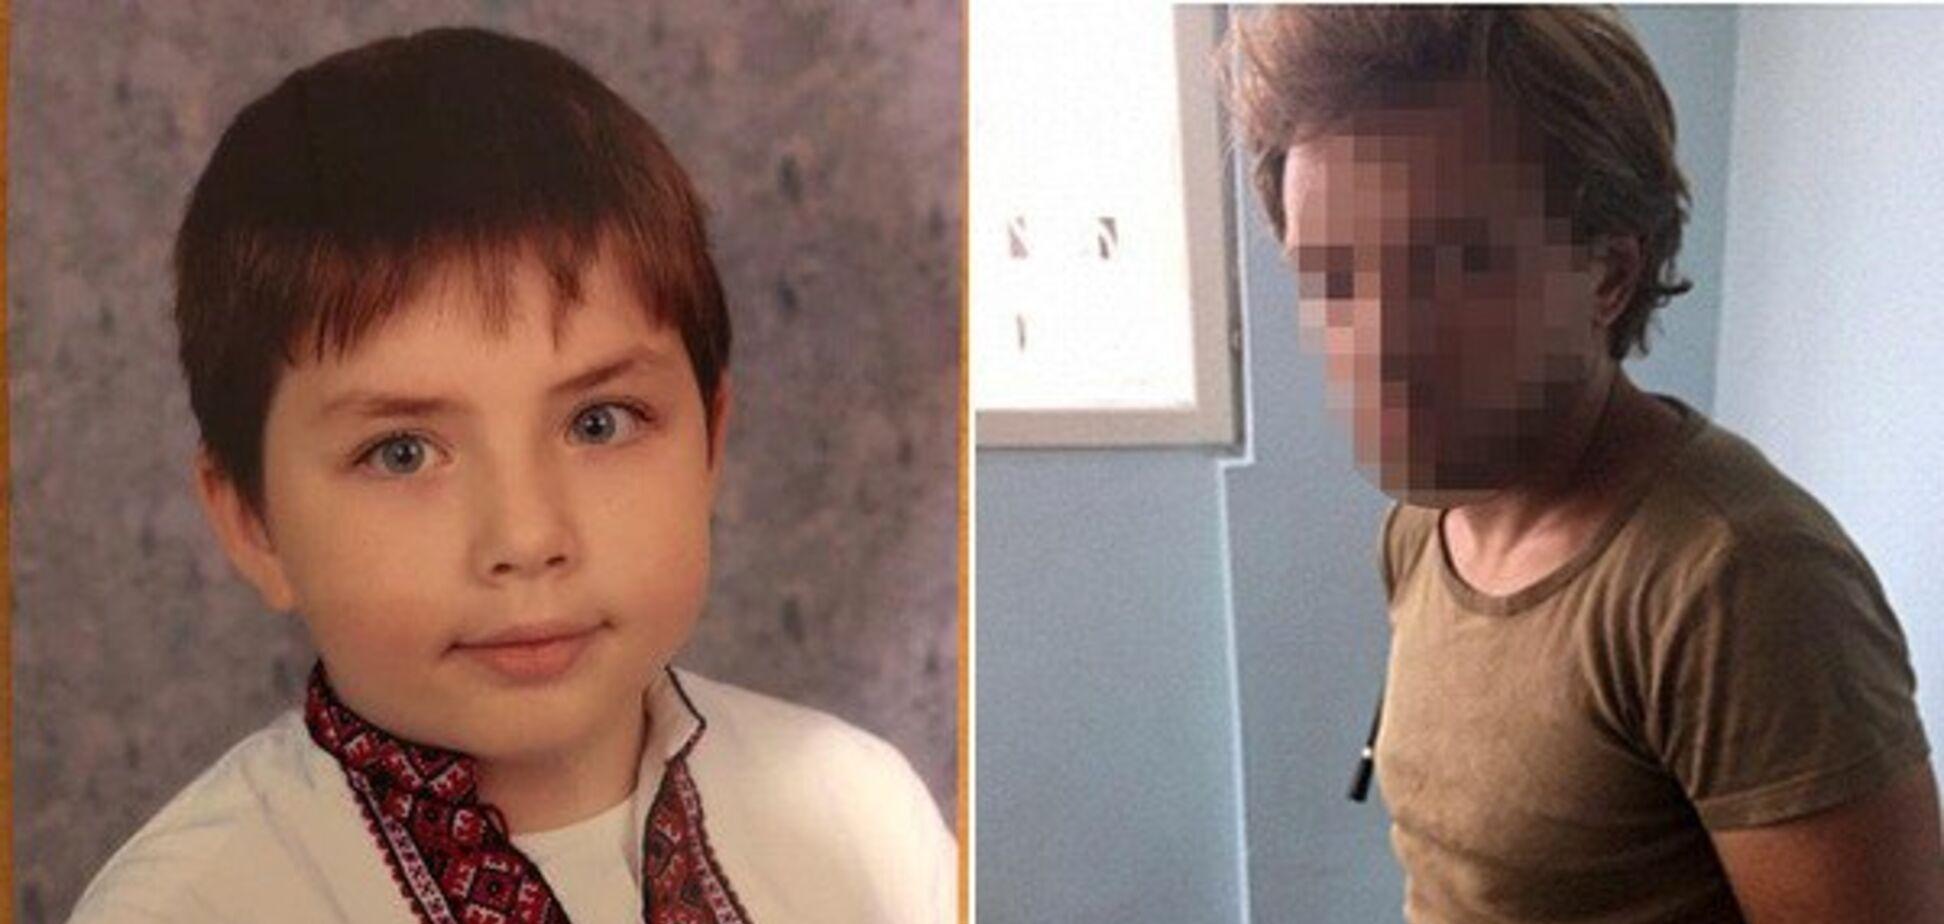 Обиделся за подарок: появились подробности убийства 9-летнего мальчика в Киеве